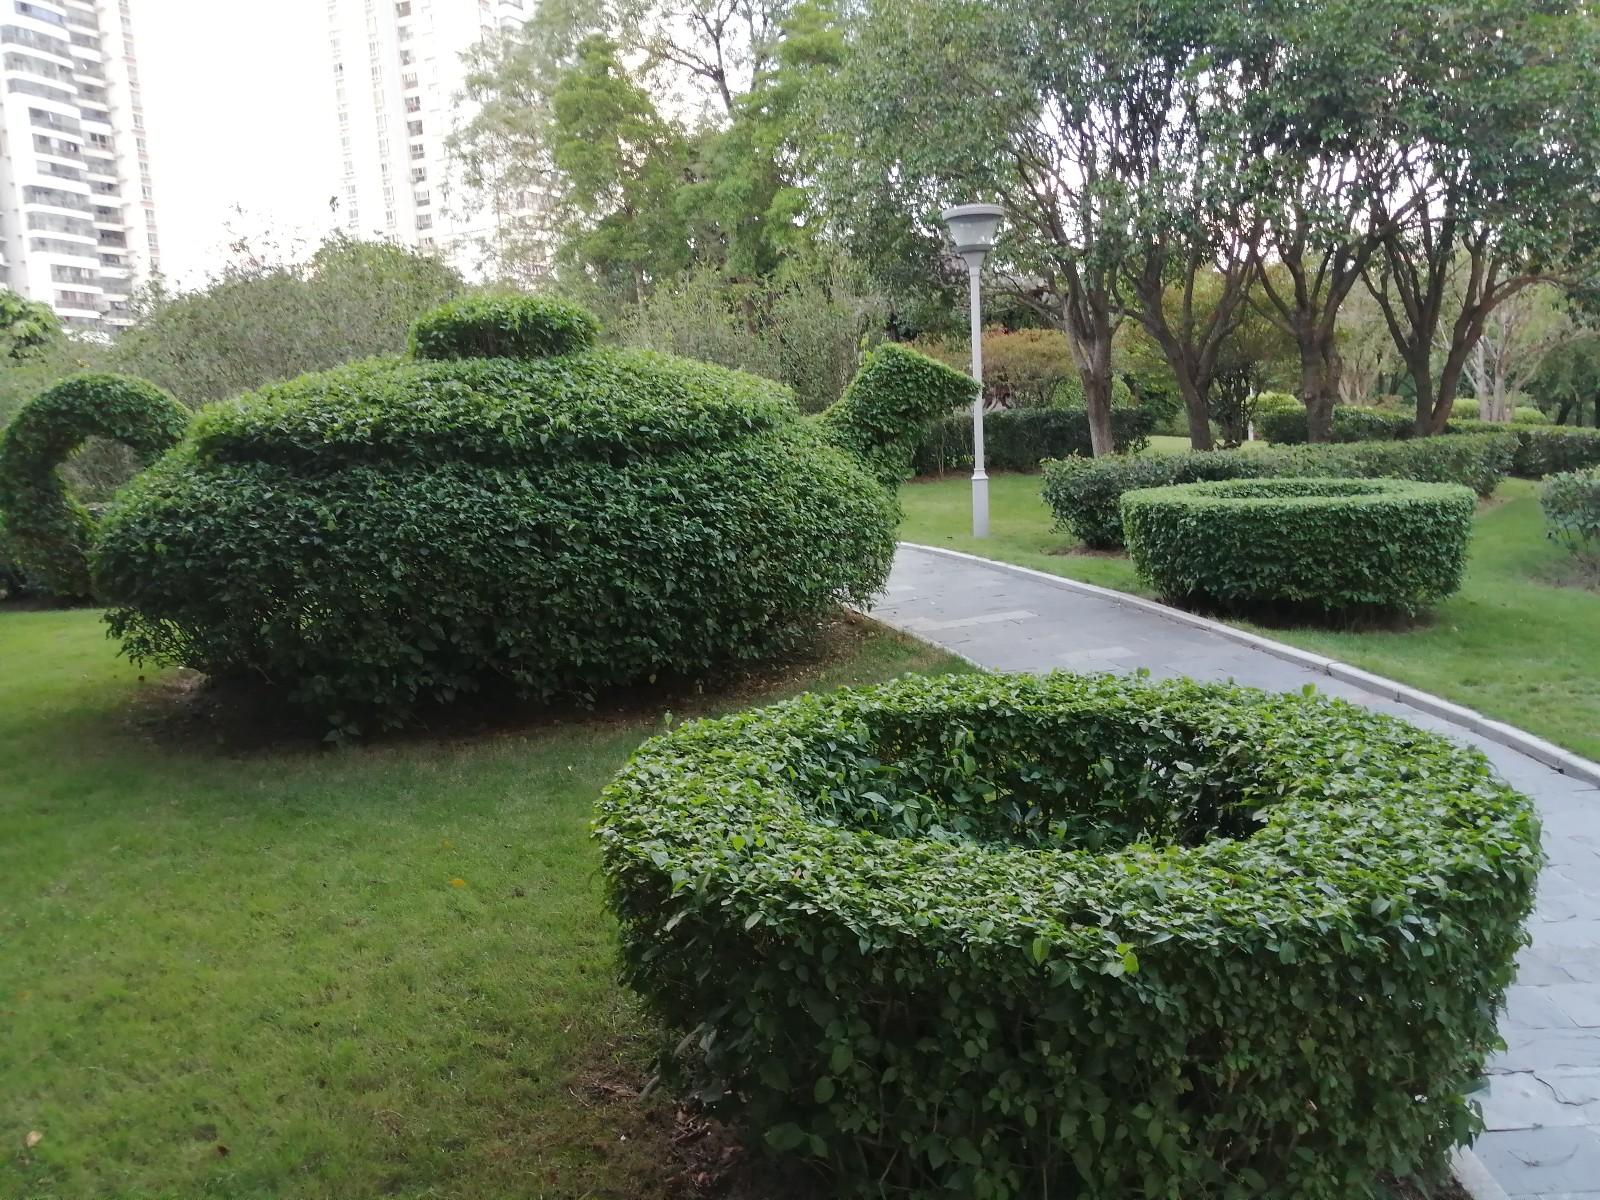 【美图Pick计划】南宁金花茶公园里形象逼真的绿植造型